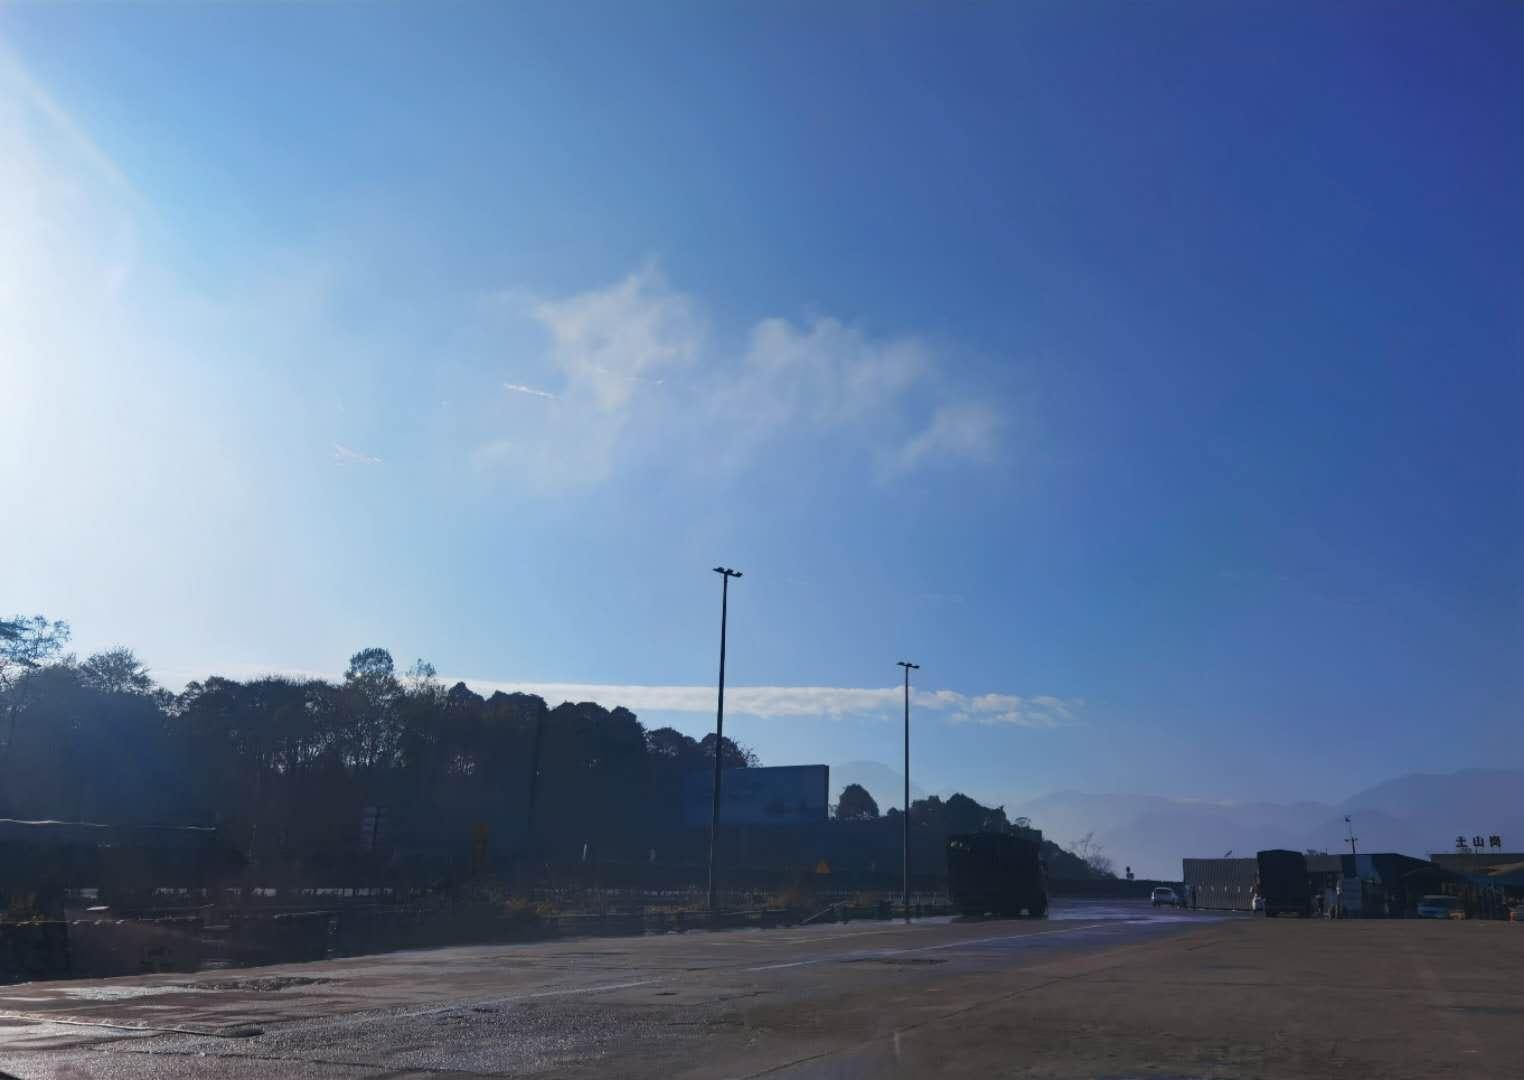 出行注意了!雅西高速今起实行冬季安全管控3个月